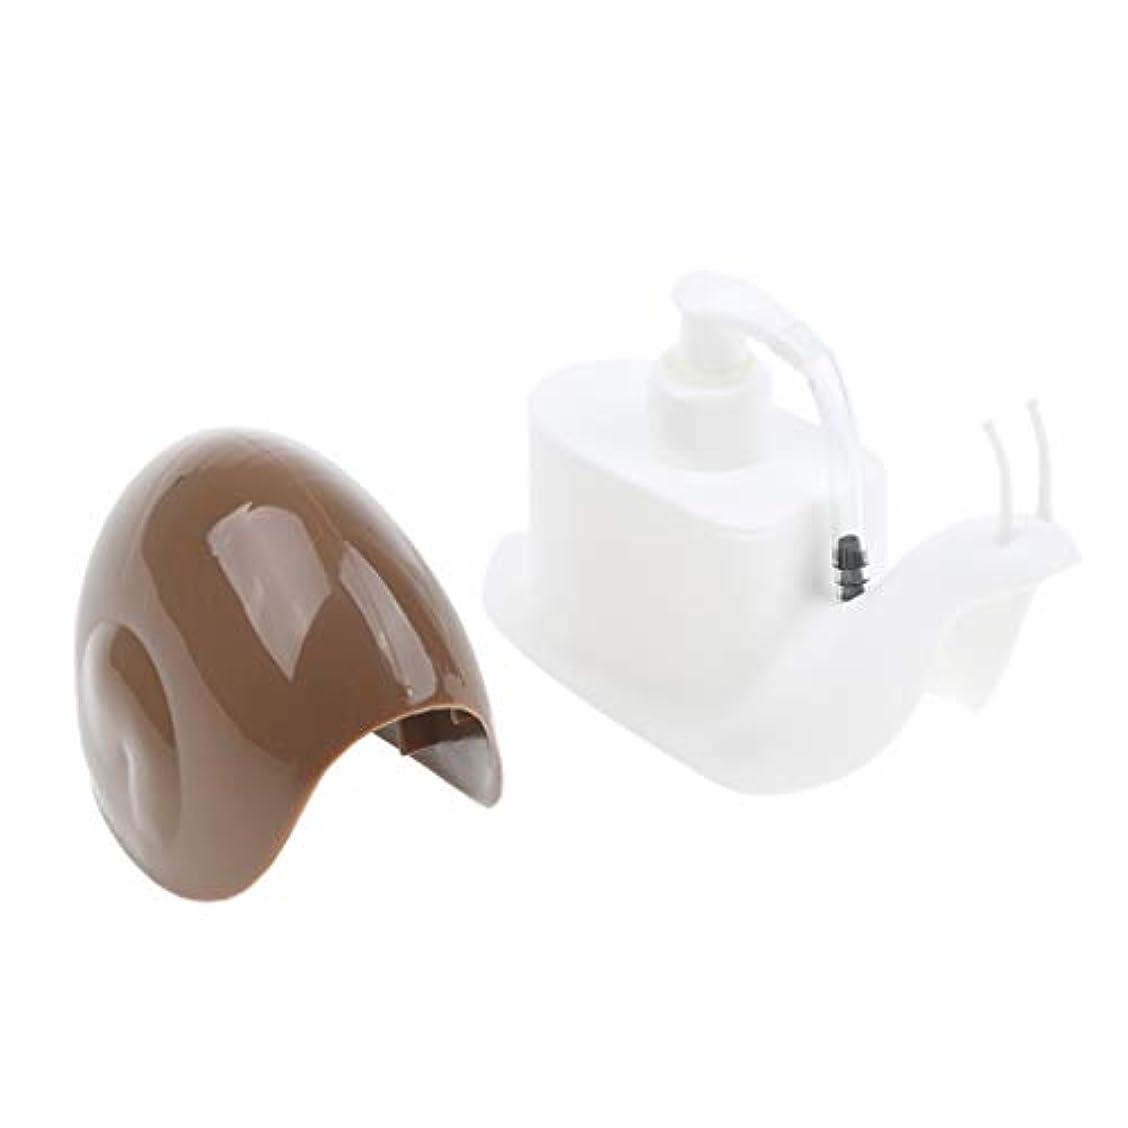 別のリングレットストリップperfk ハンドソープボトル 石鹸箱ハンド 容器 詰替 ハンドソープ 全3選択 - コーヒー